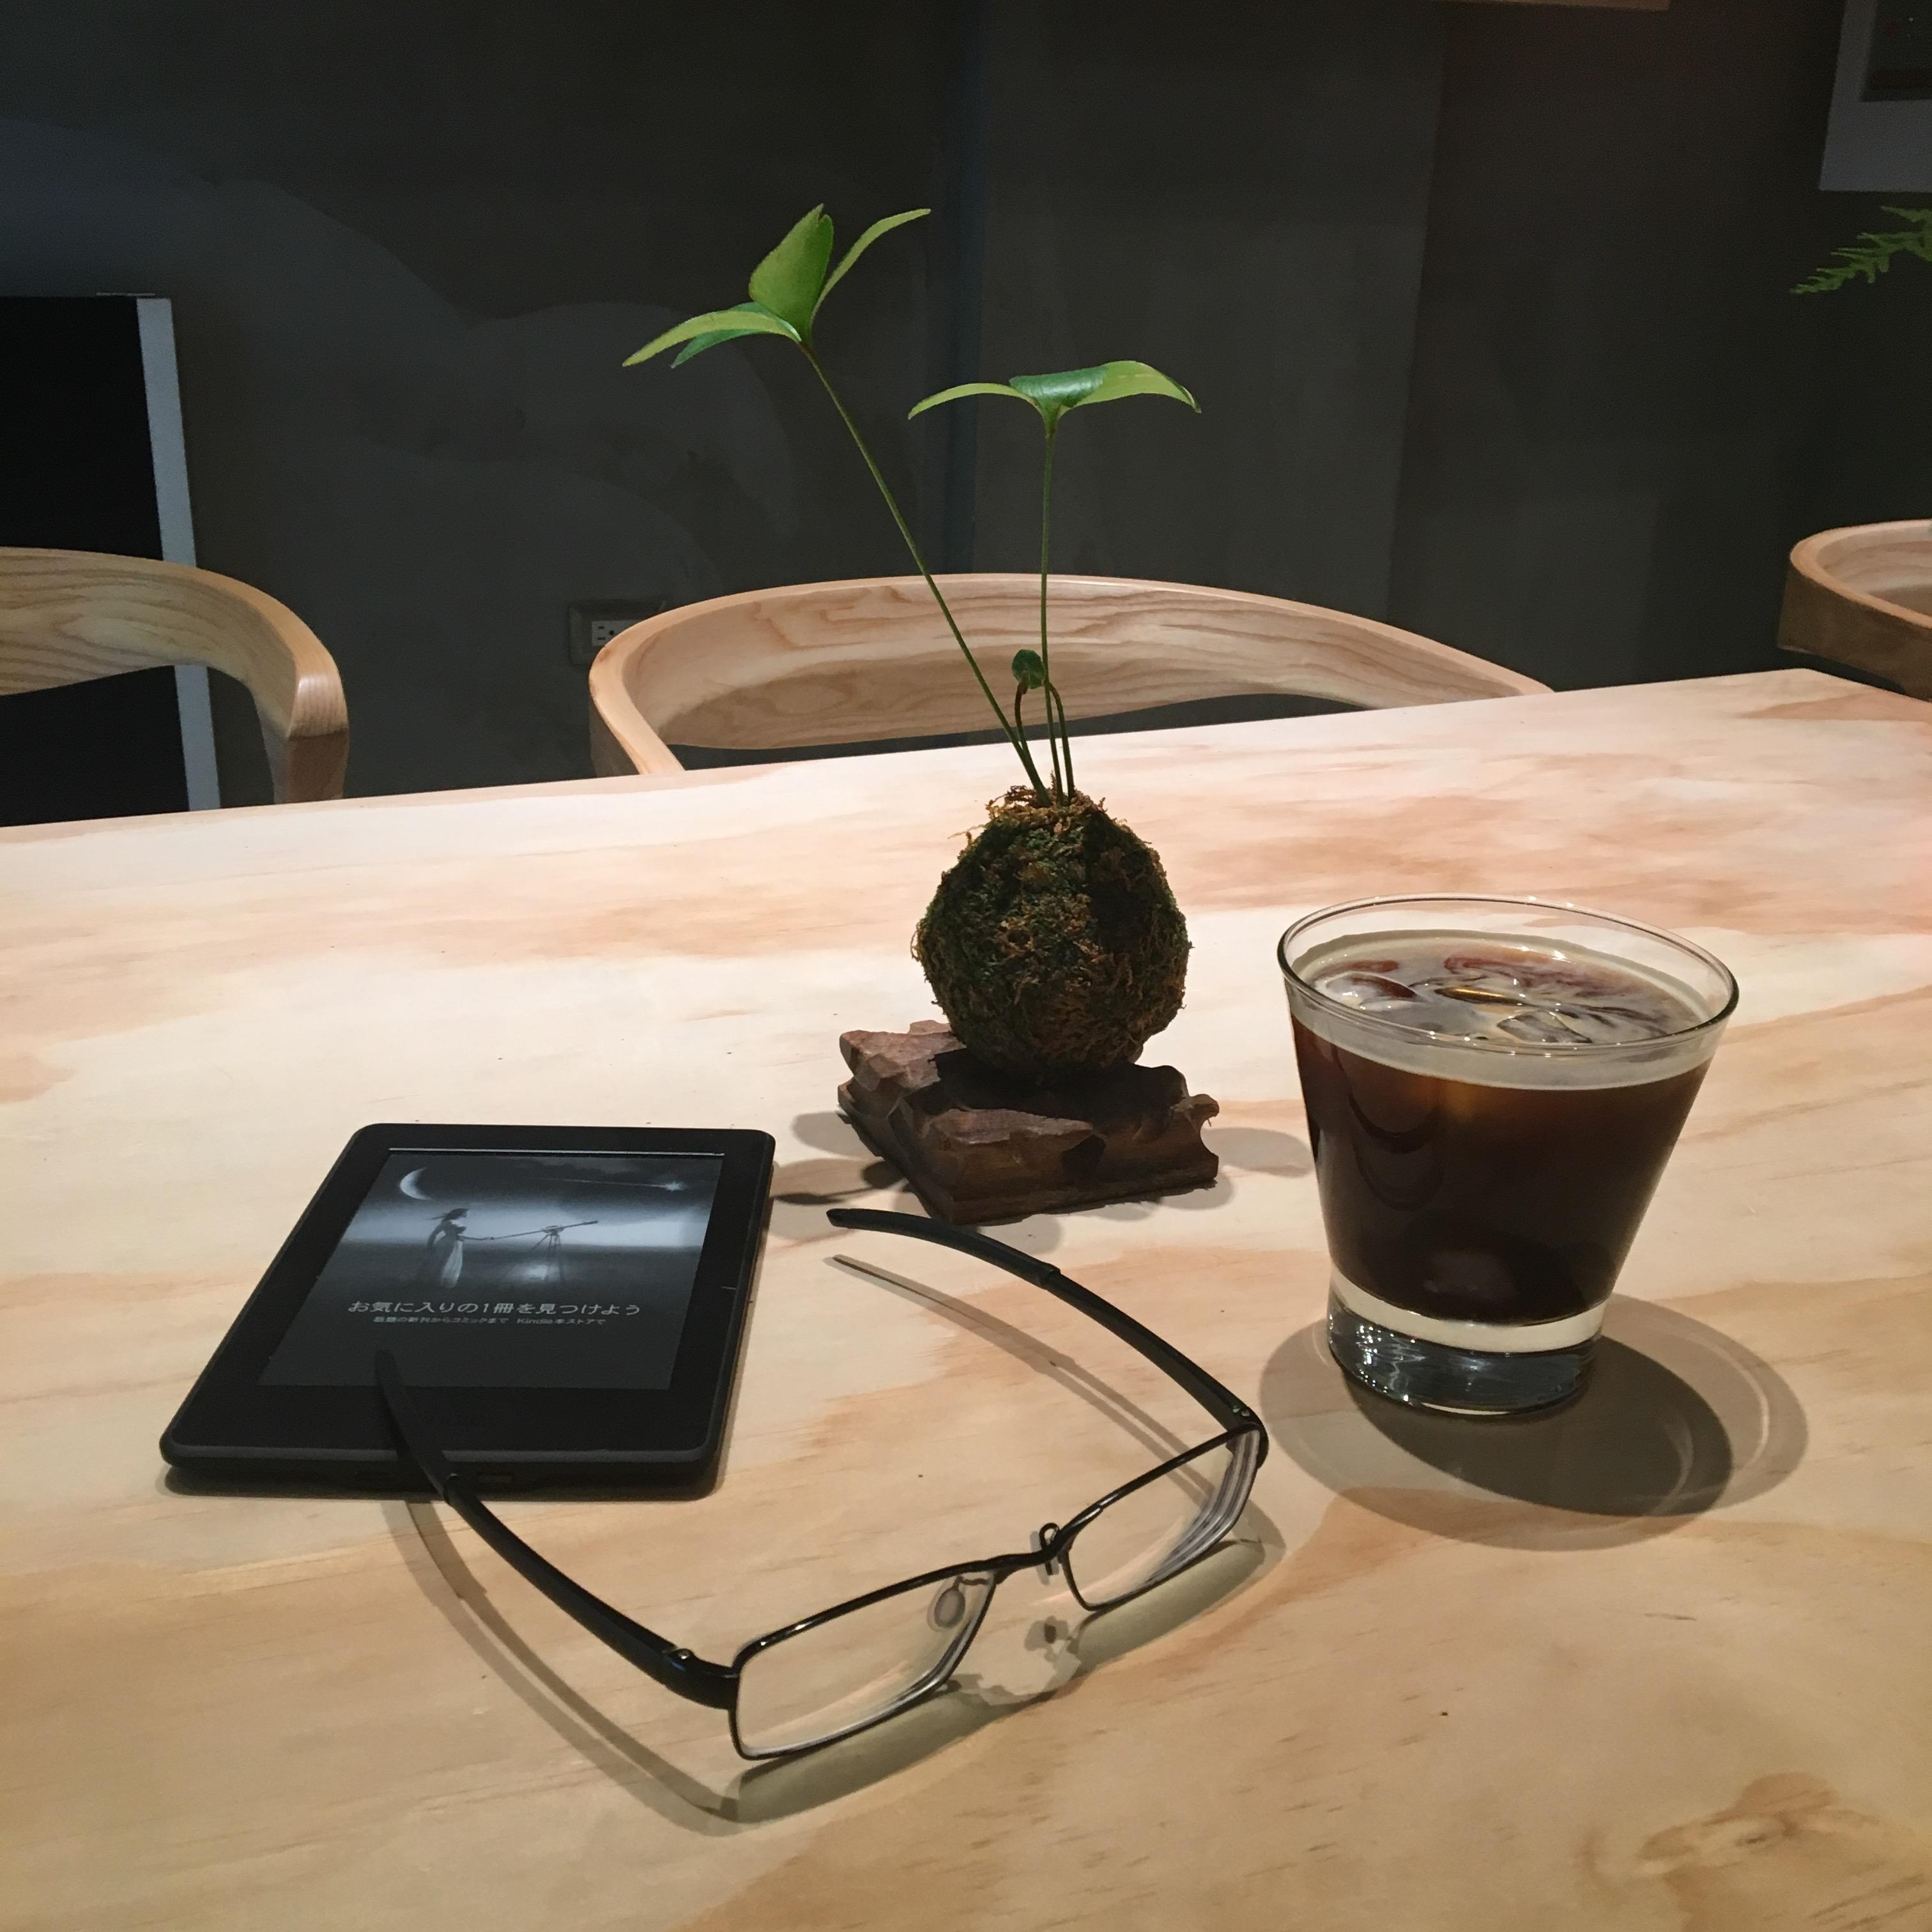 【南投日月潭】booking.comでも高評価の客室なったの3室の贅沢なプライベートミニ・ホテル「勺光-188」シャオグアン 188(Shaoguang 188)を紹介します。